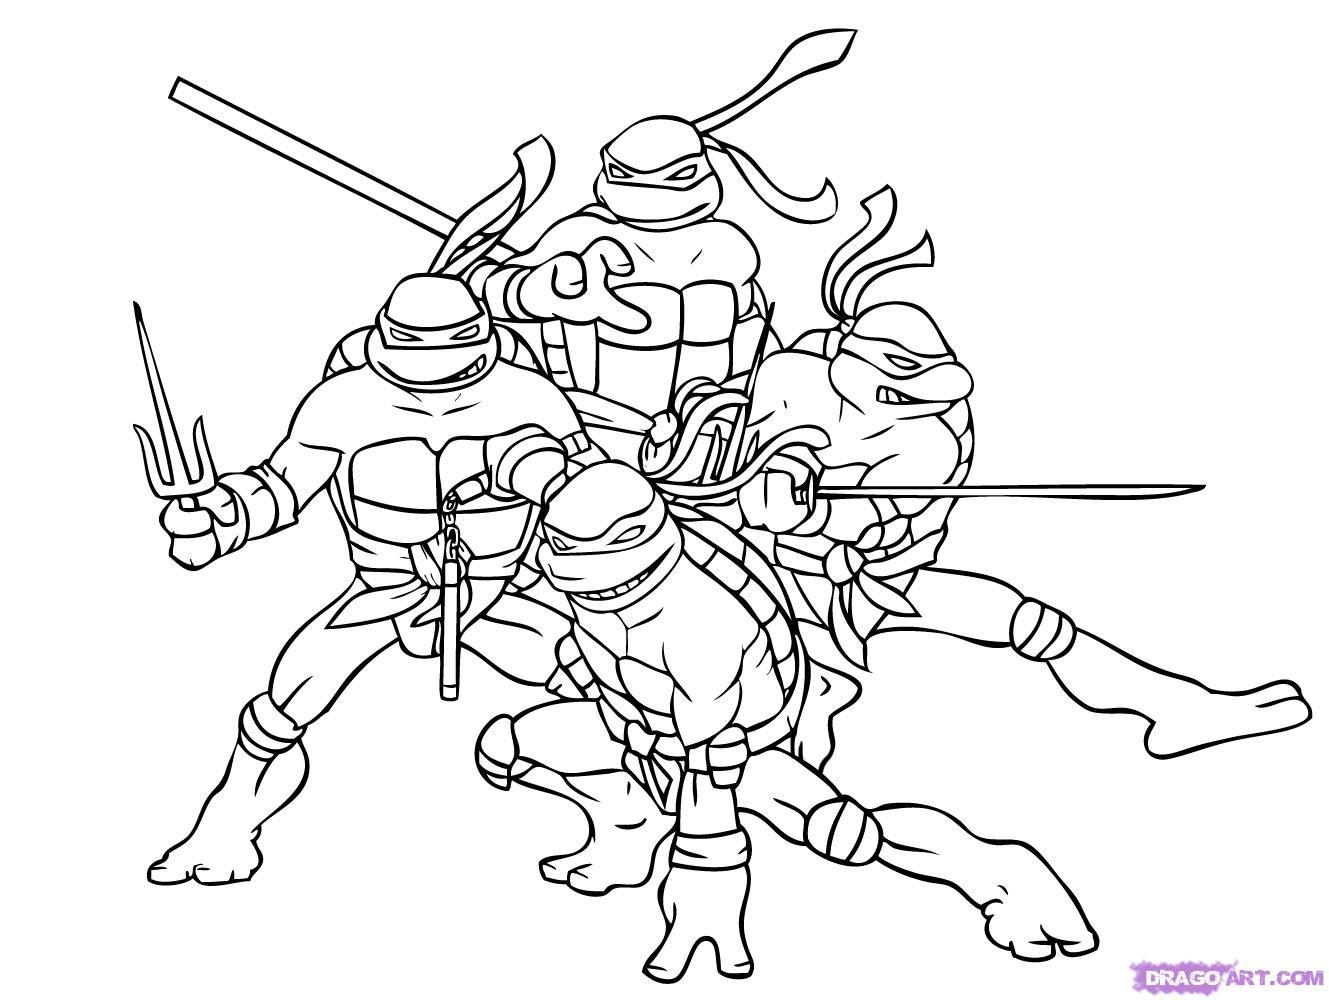 Tmnt Girls Coloring Pages  Ninja turtles coloring pages ninja turtles